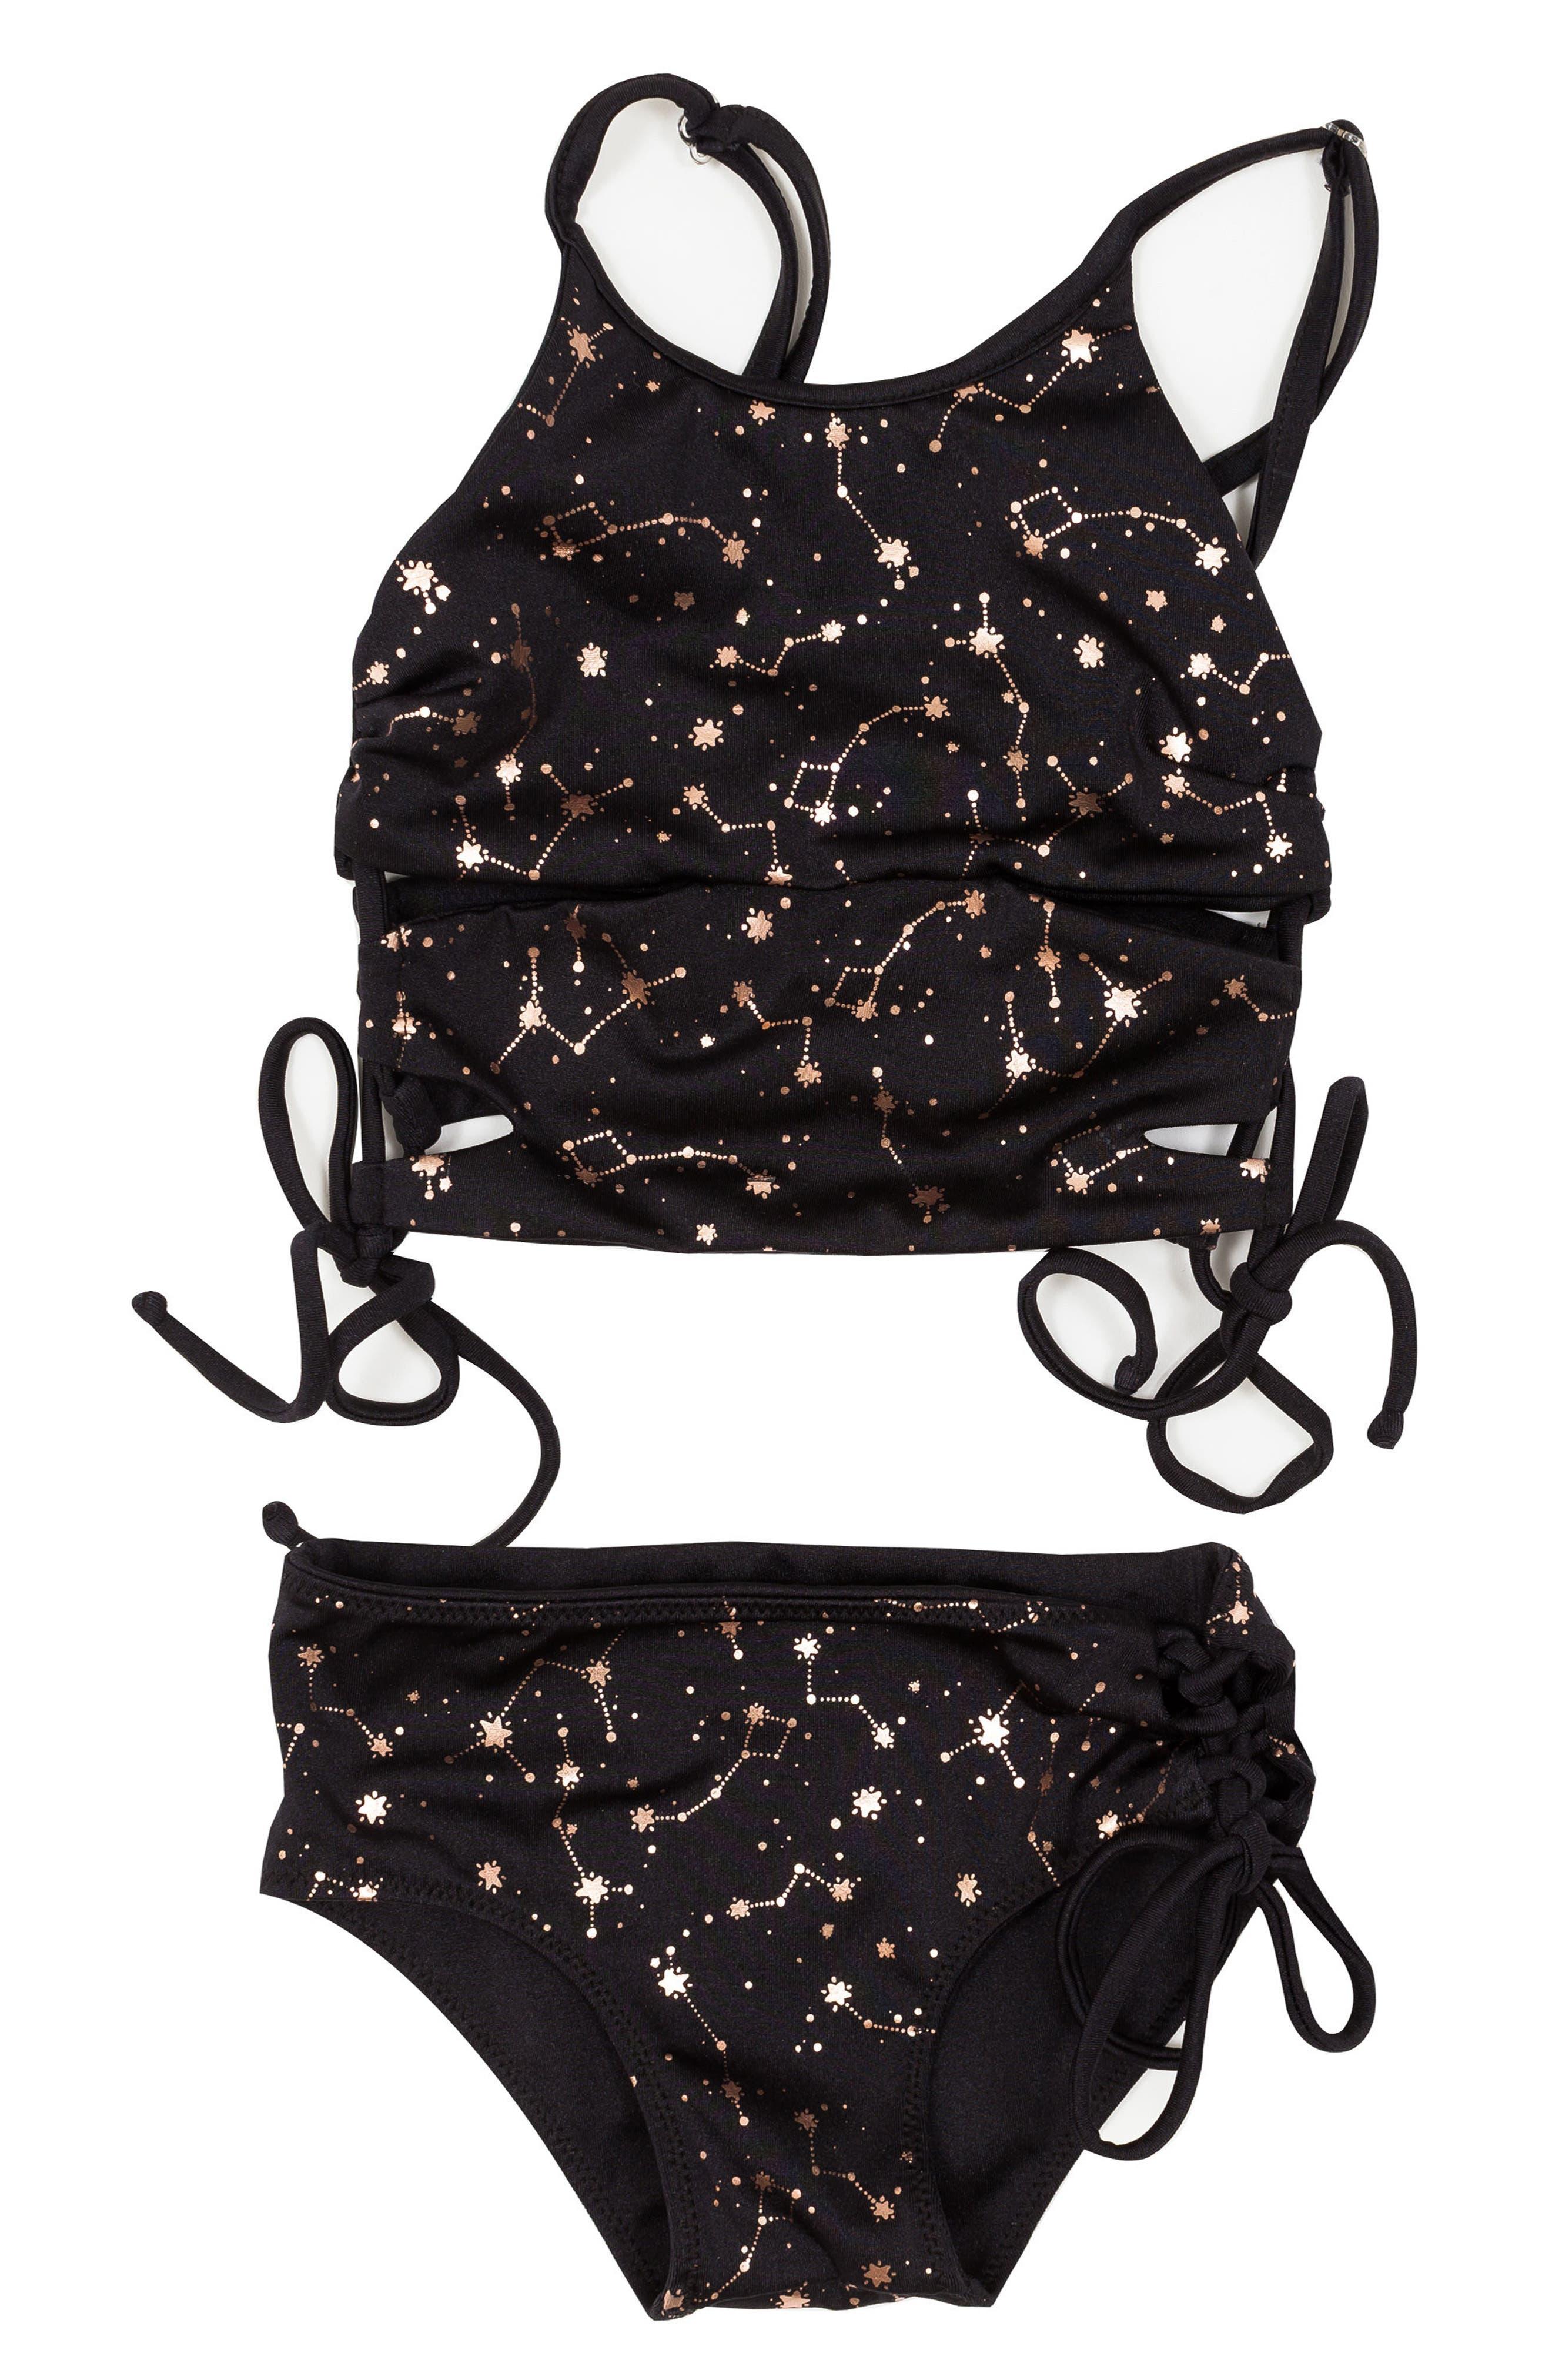 Bowie James Fury Reversible Two-Piece Swimsuit,                         Main,                         color, Black